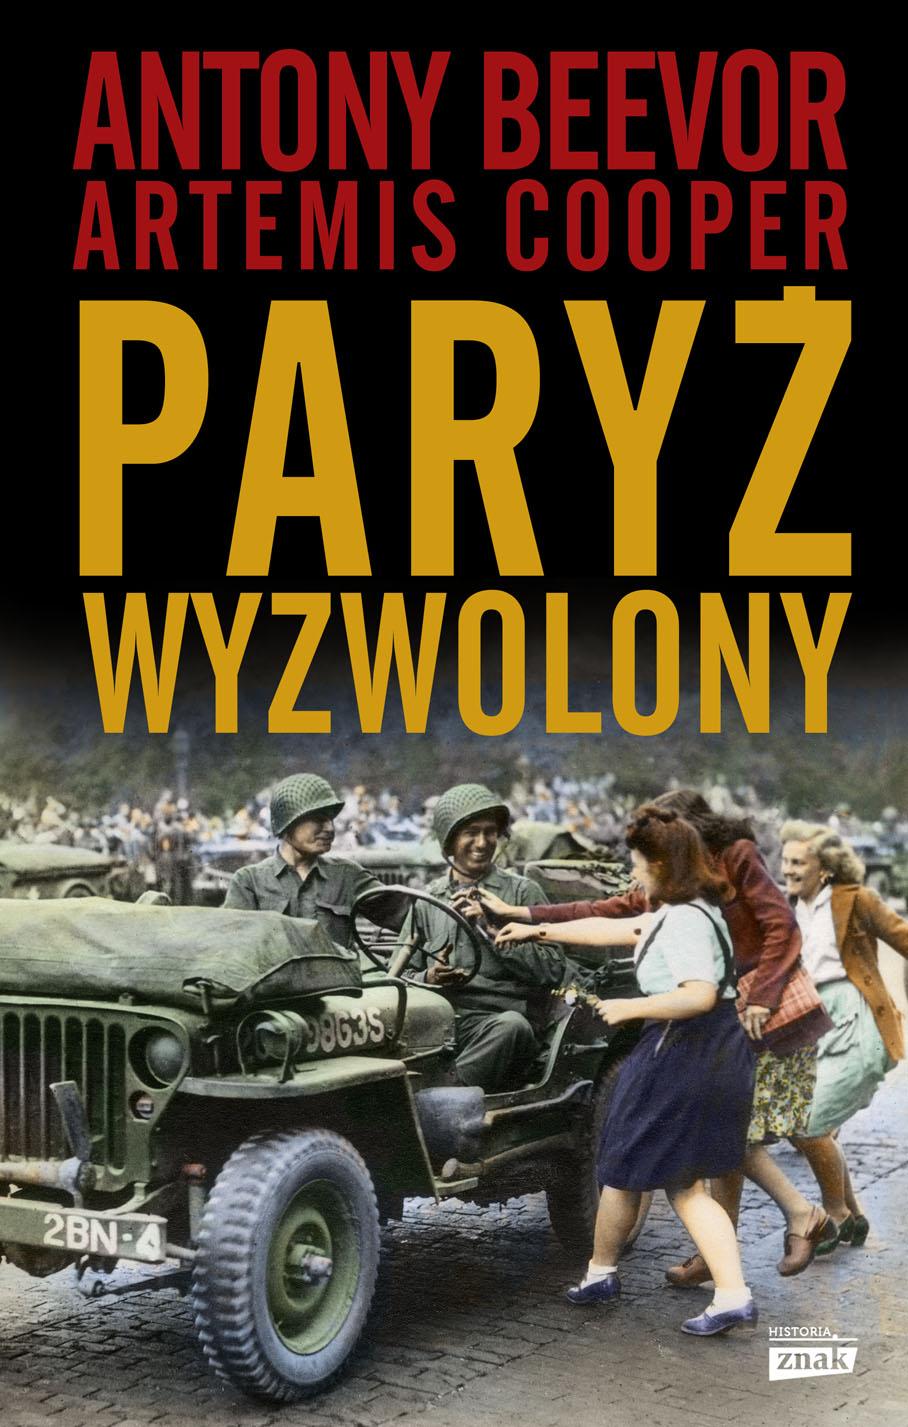 Artykuł stanowi fragment książki Antony'ego Beevora i Artemis Cooper Paryż wyzwolony, wydanej nakładem wydawnictwa Znak Horyzont.